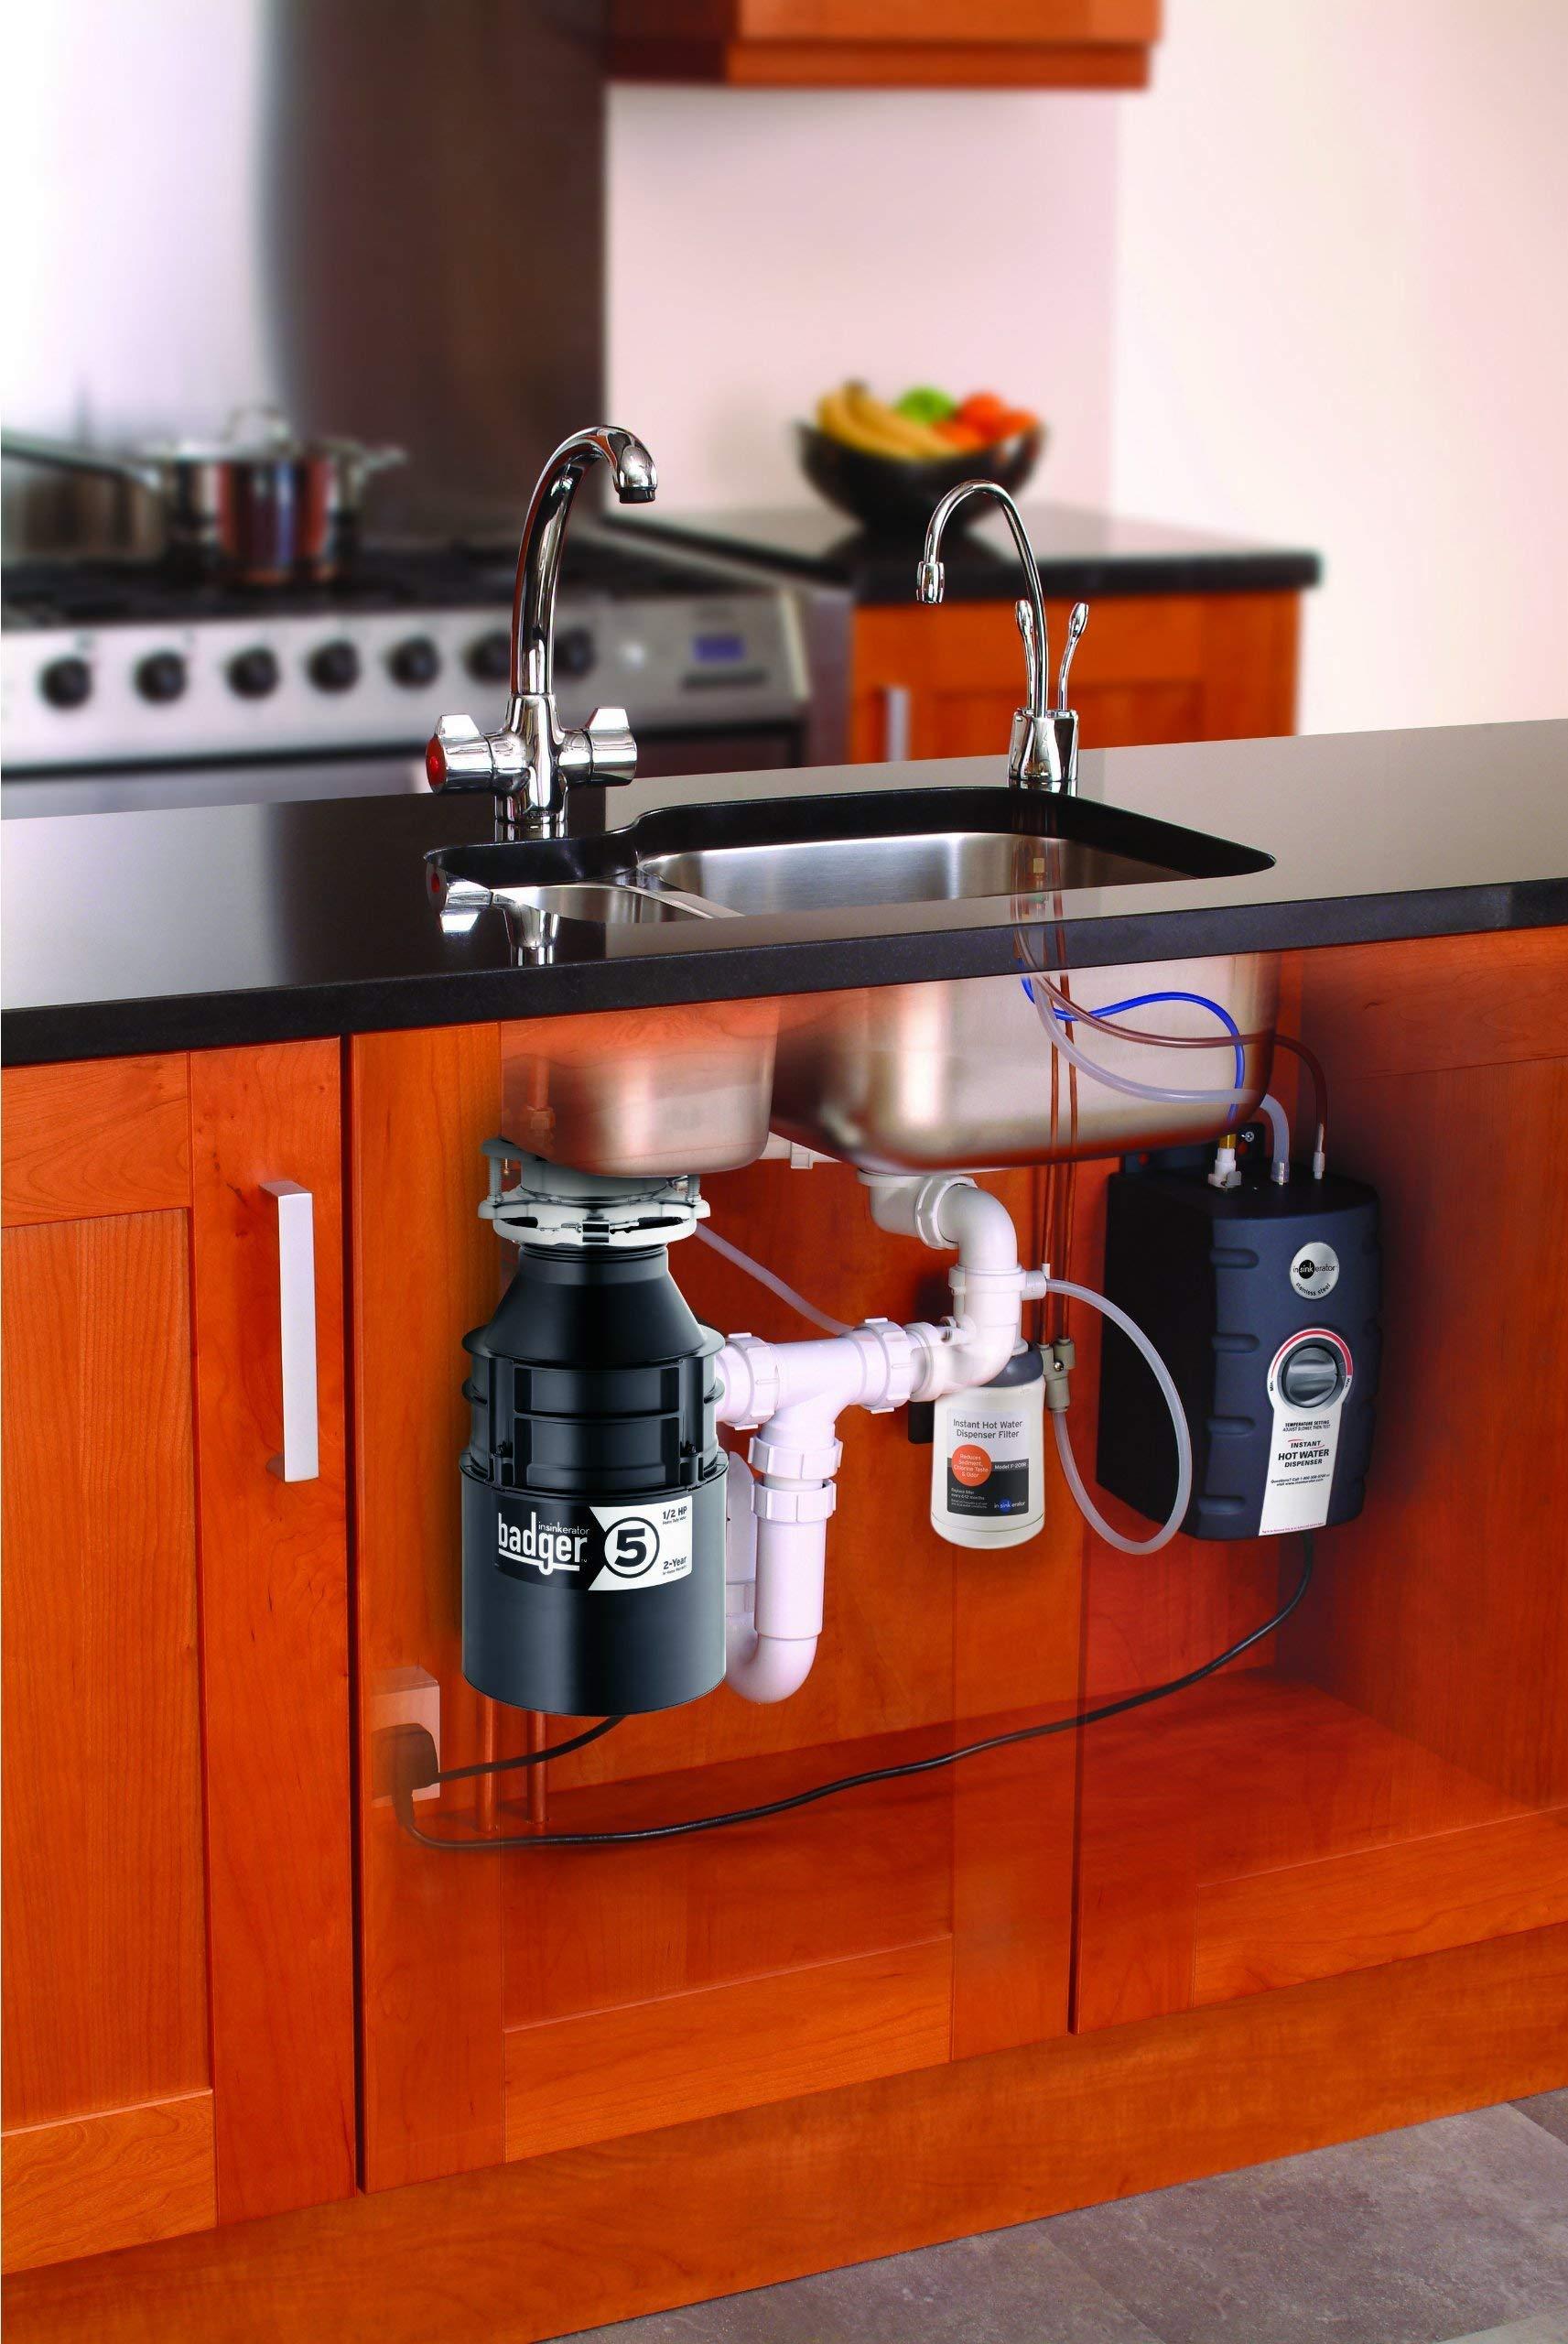 Insinkerator Badger 5, 1/2 HP Household Food Waste Disposer (Renewed)